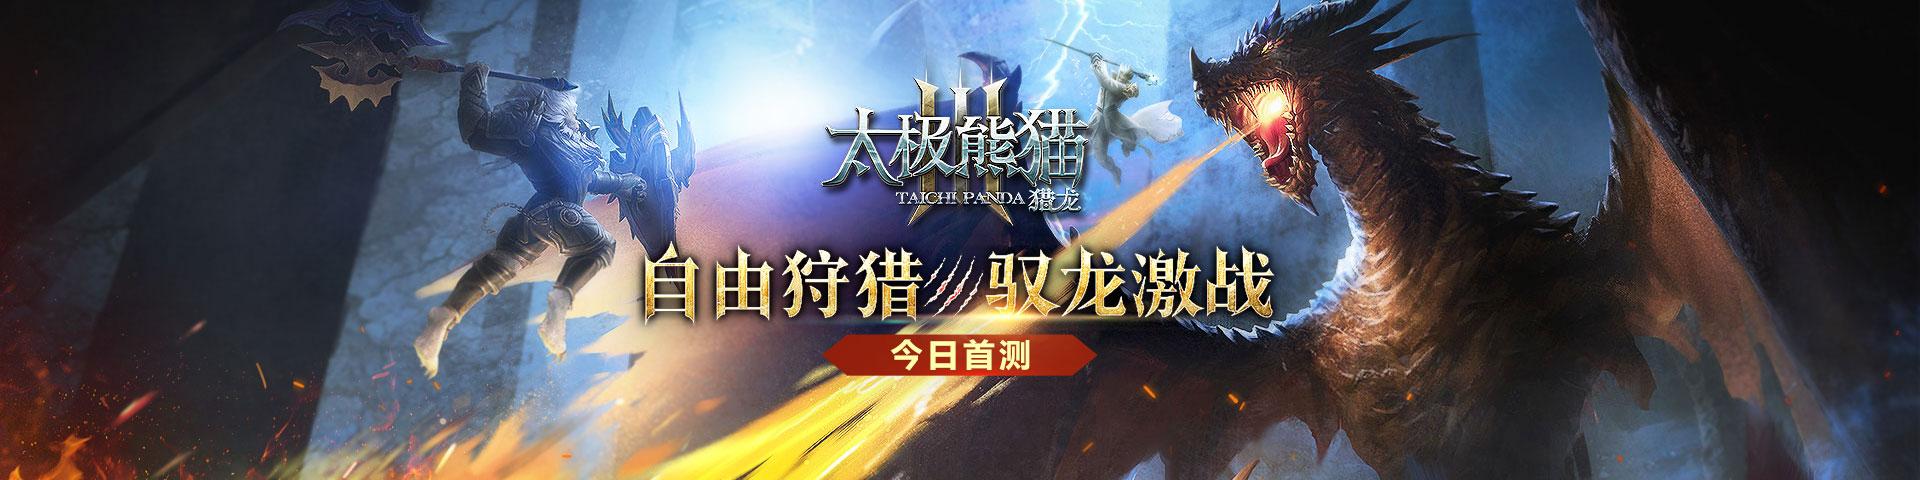 旗舰级手游巨献!《太极熊猫3:猎龙》今日首测!